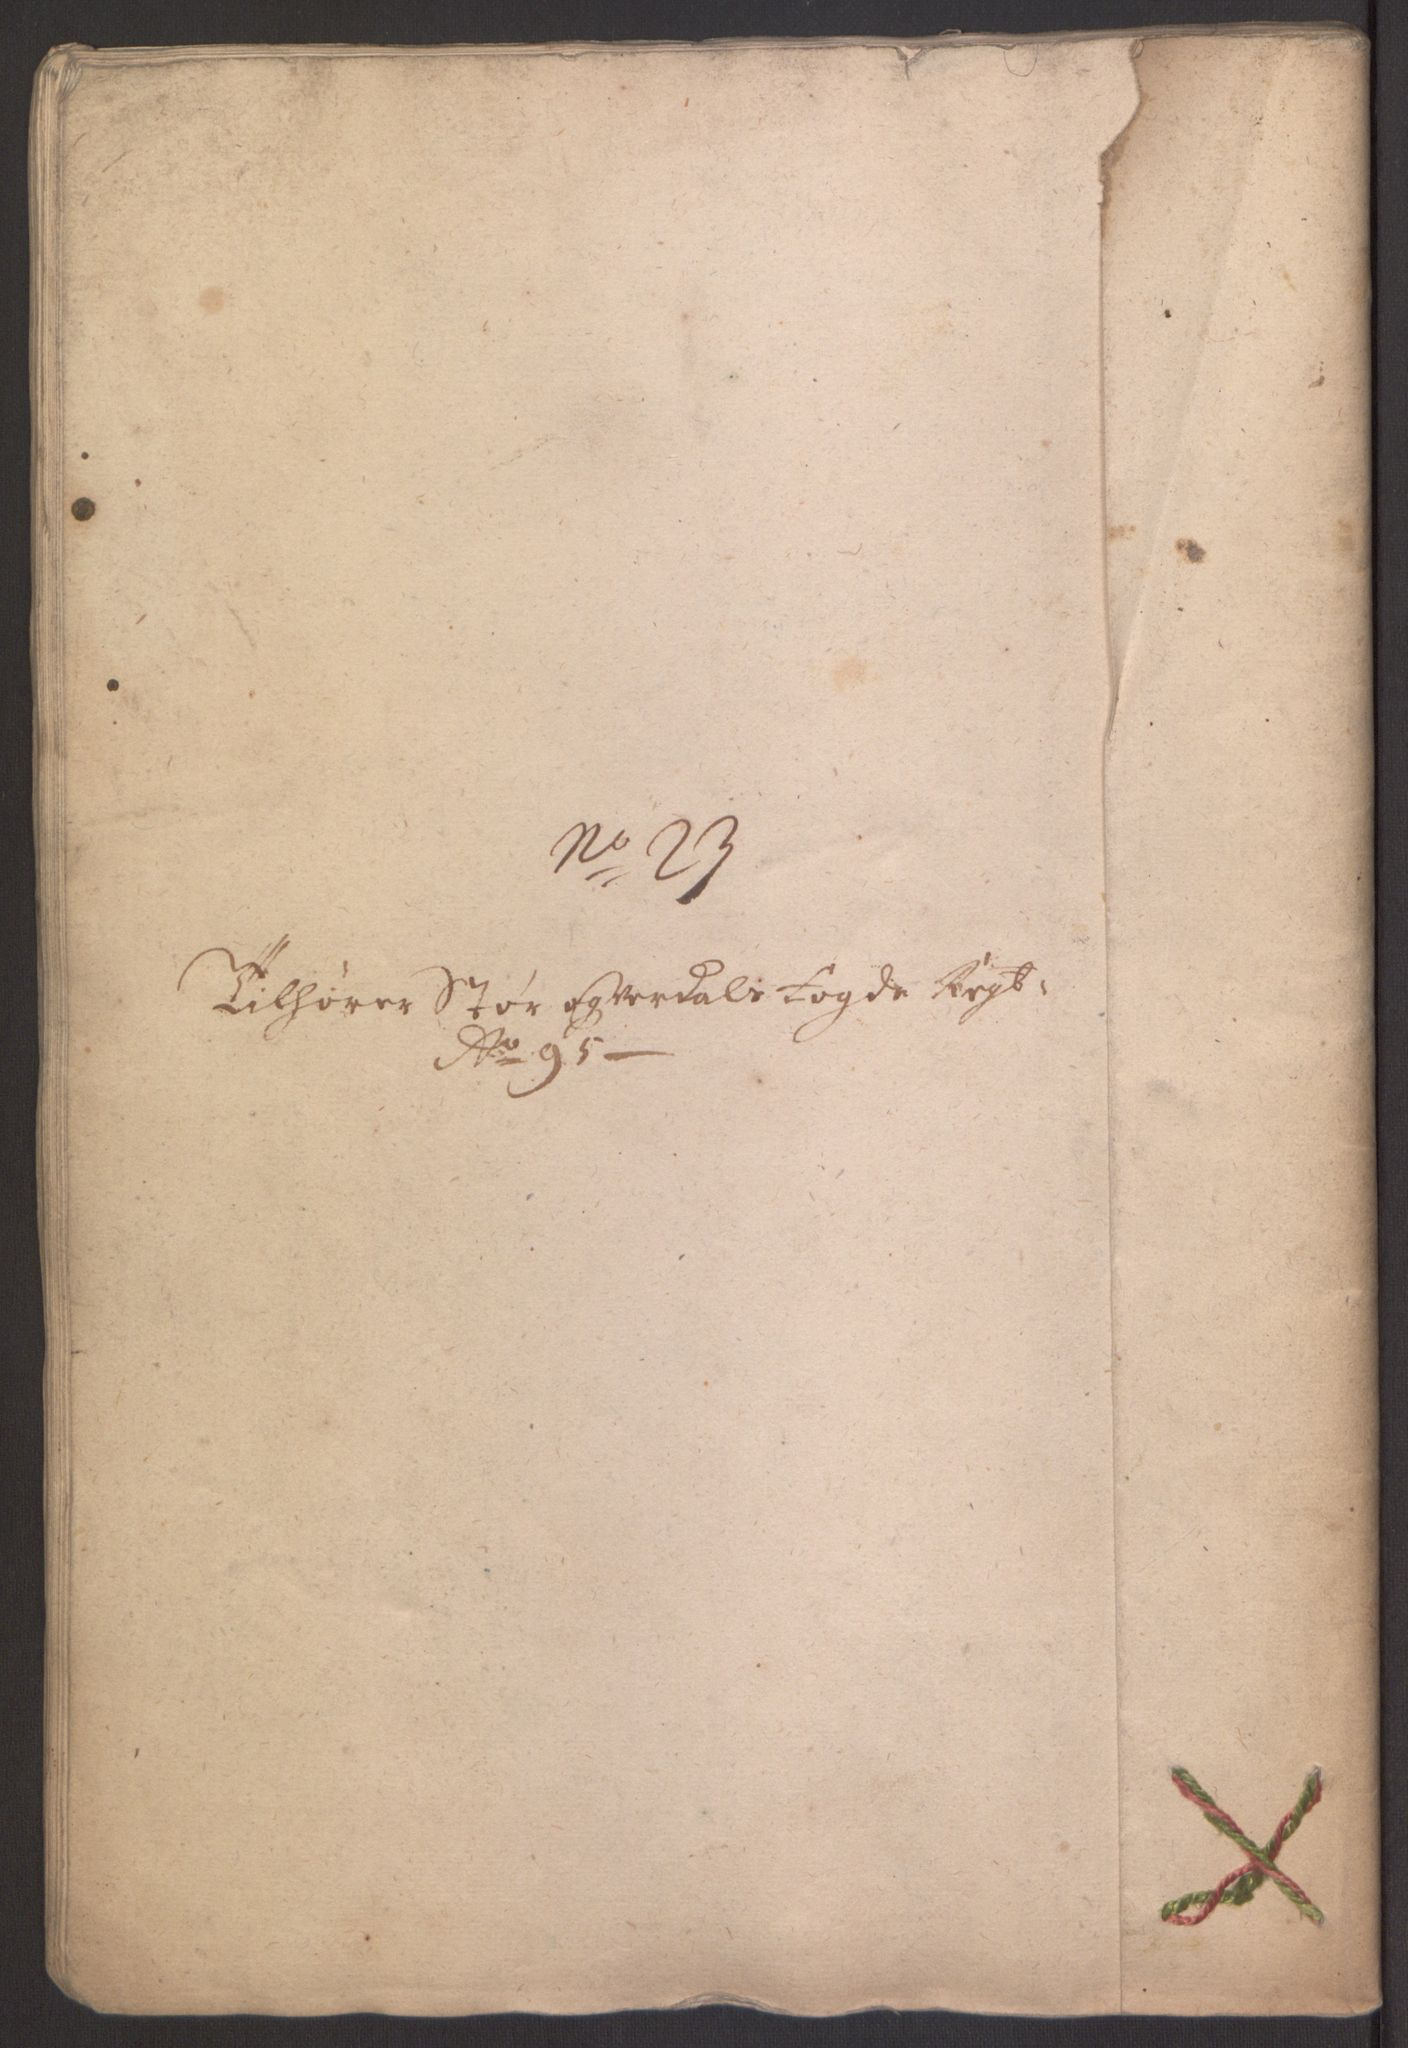 RA, Rentekammeret inntil 1814, Reviderte regnskaper, Fogderegnskap, R62/L4187: Fogderegnskap Stjørdal og Verdal, 1695, s. 280